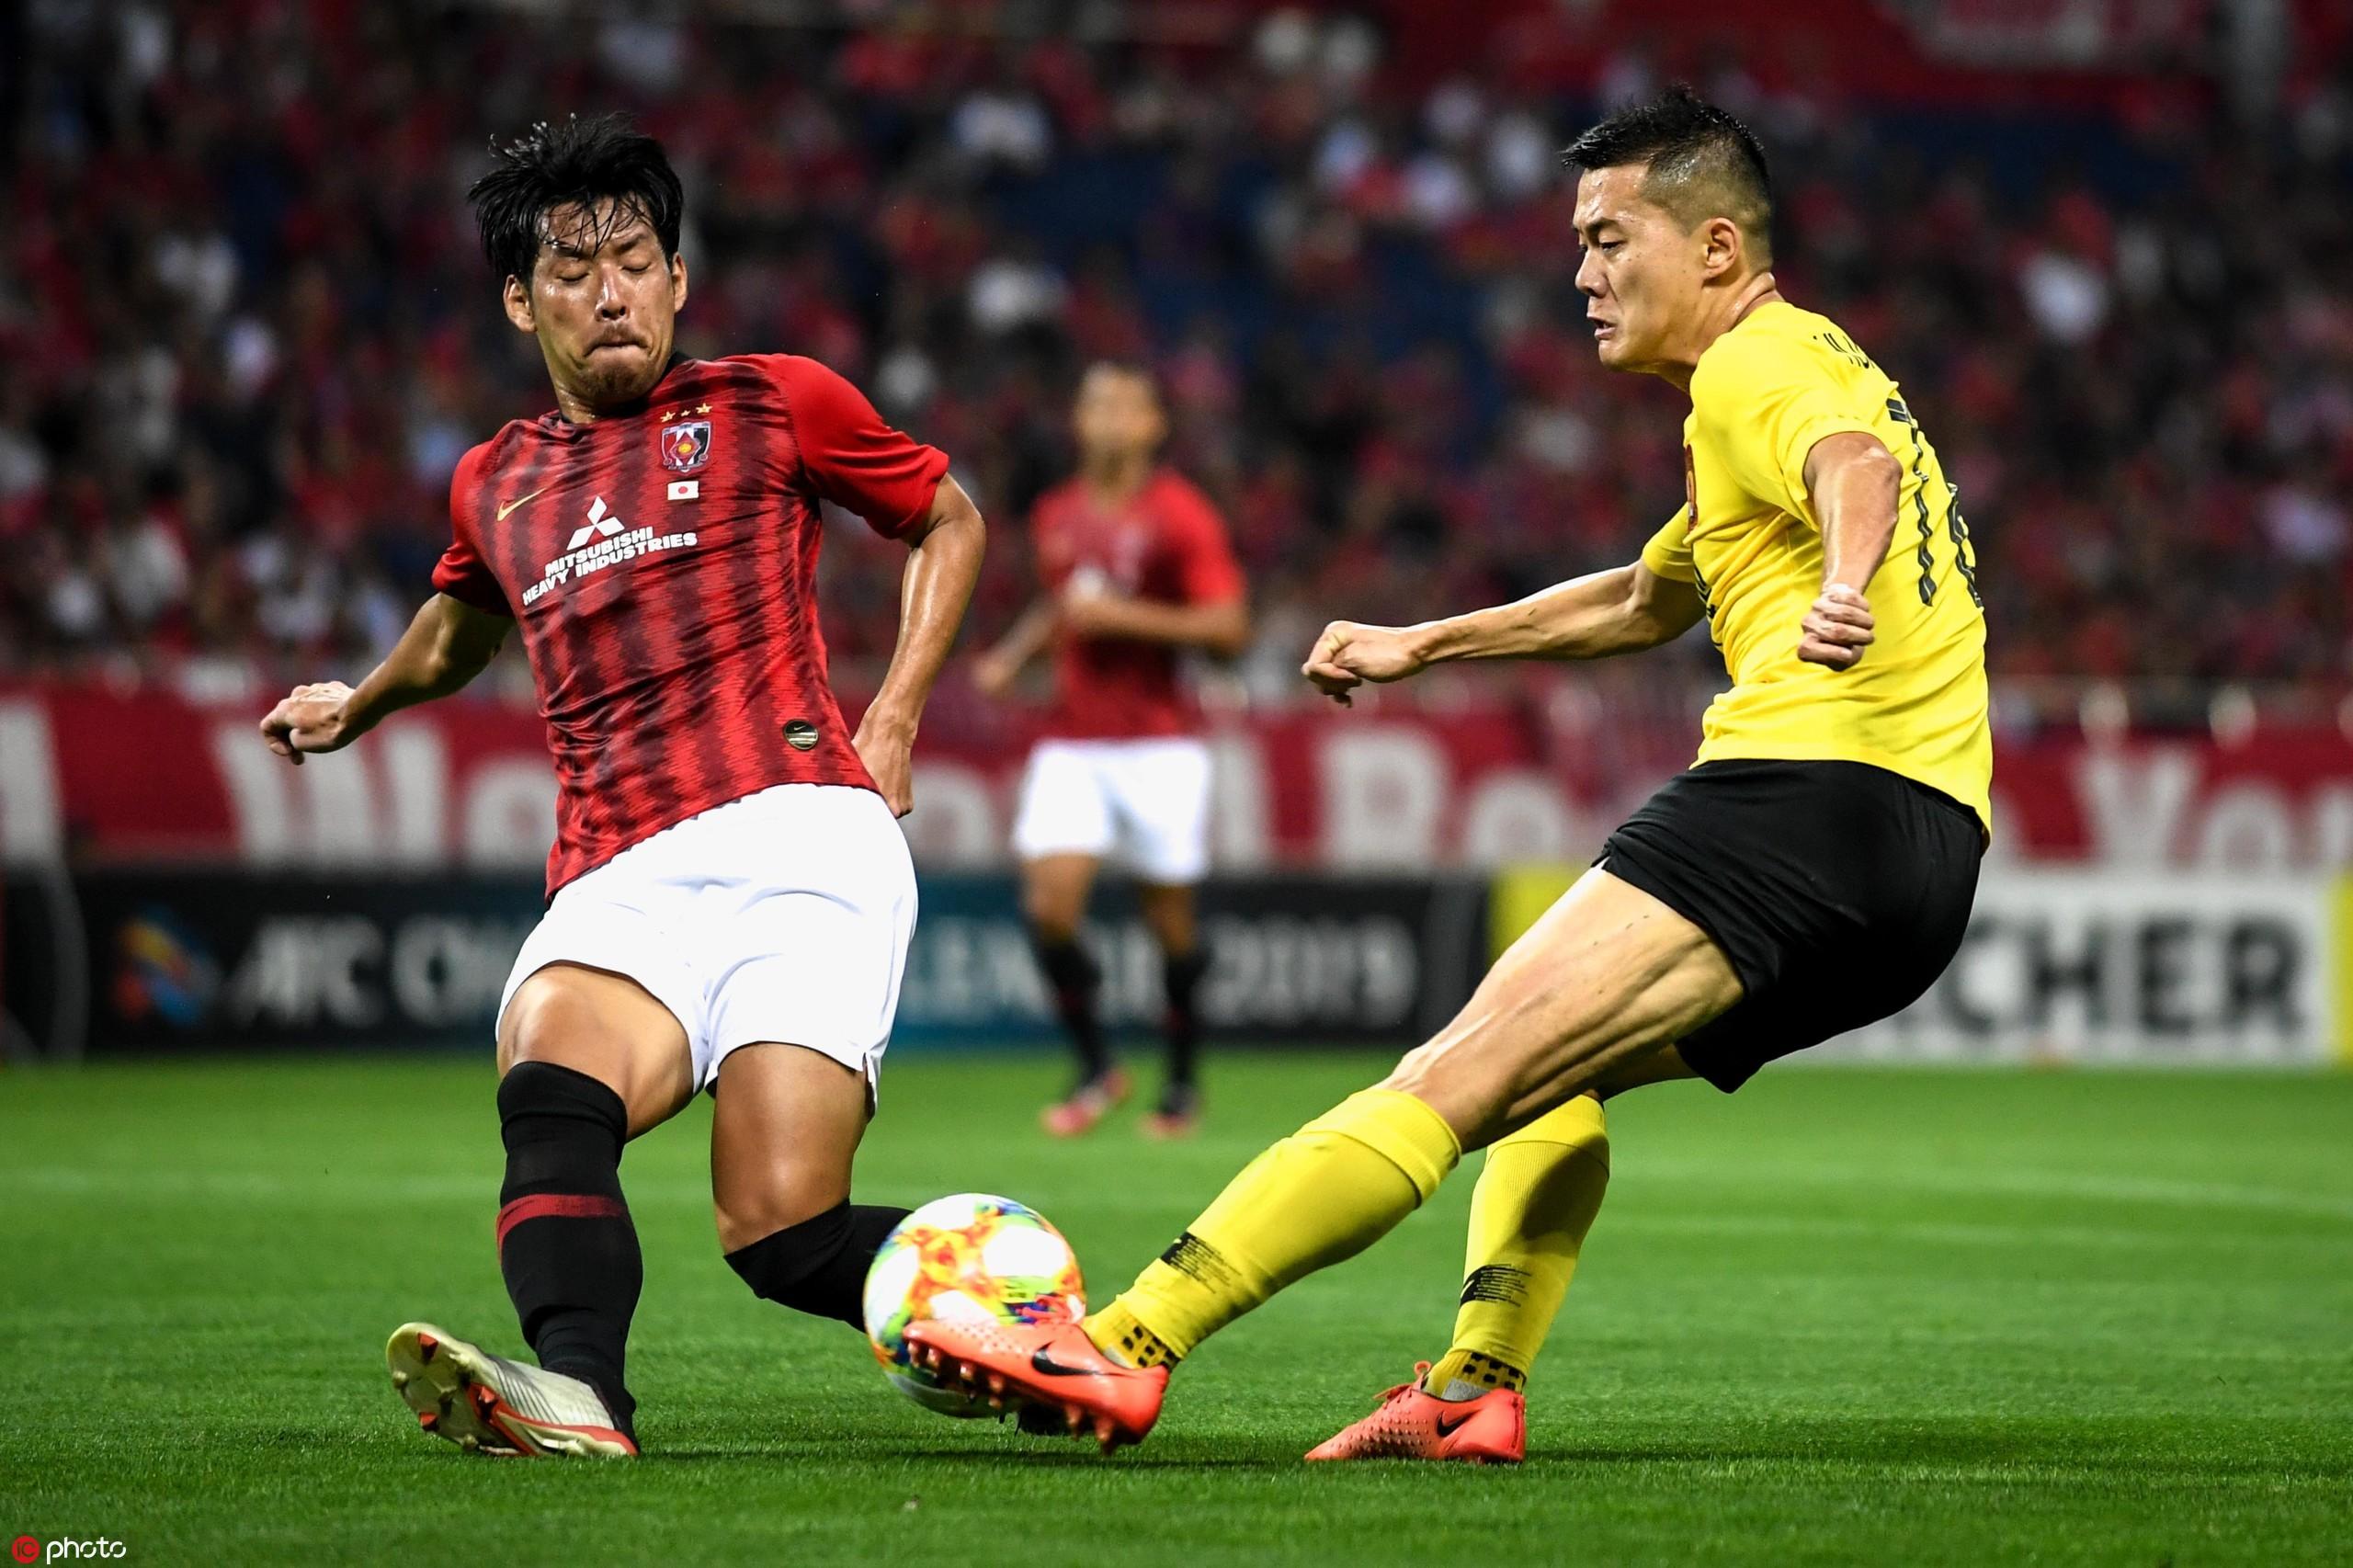 客场不敌浦和,恒大续写亚冠四年客场不胜日本球队纪录